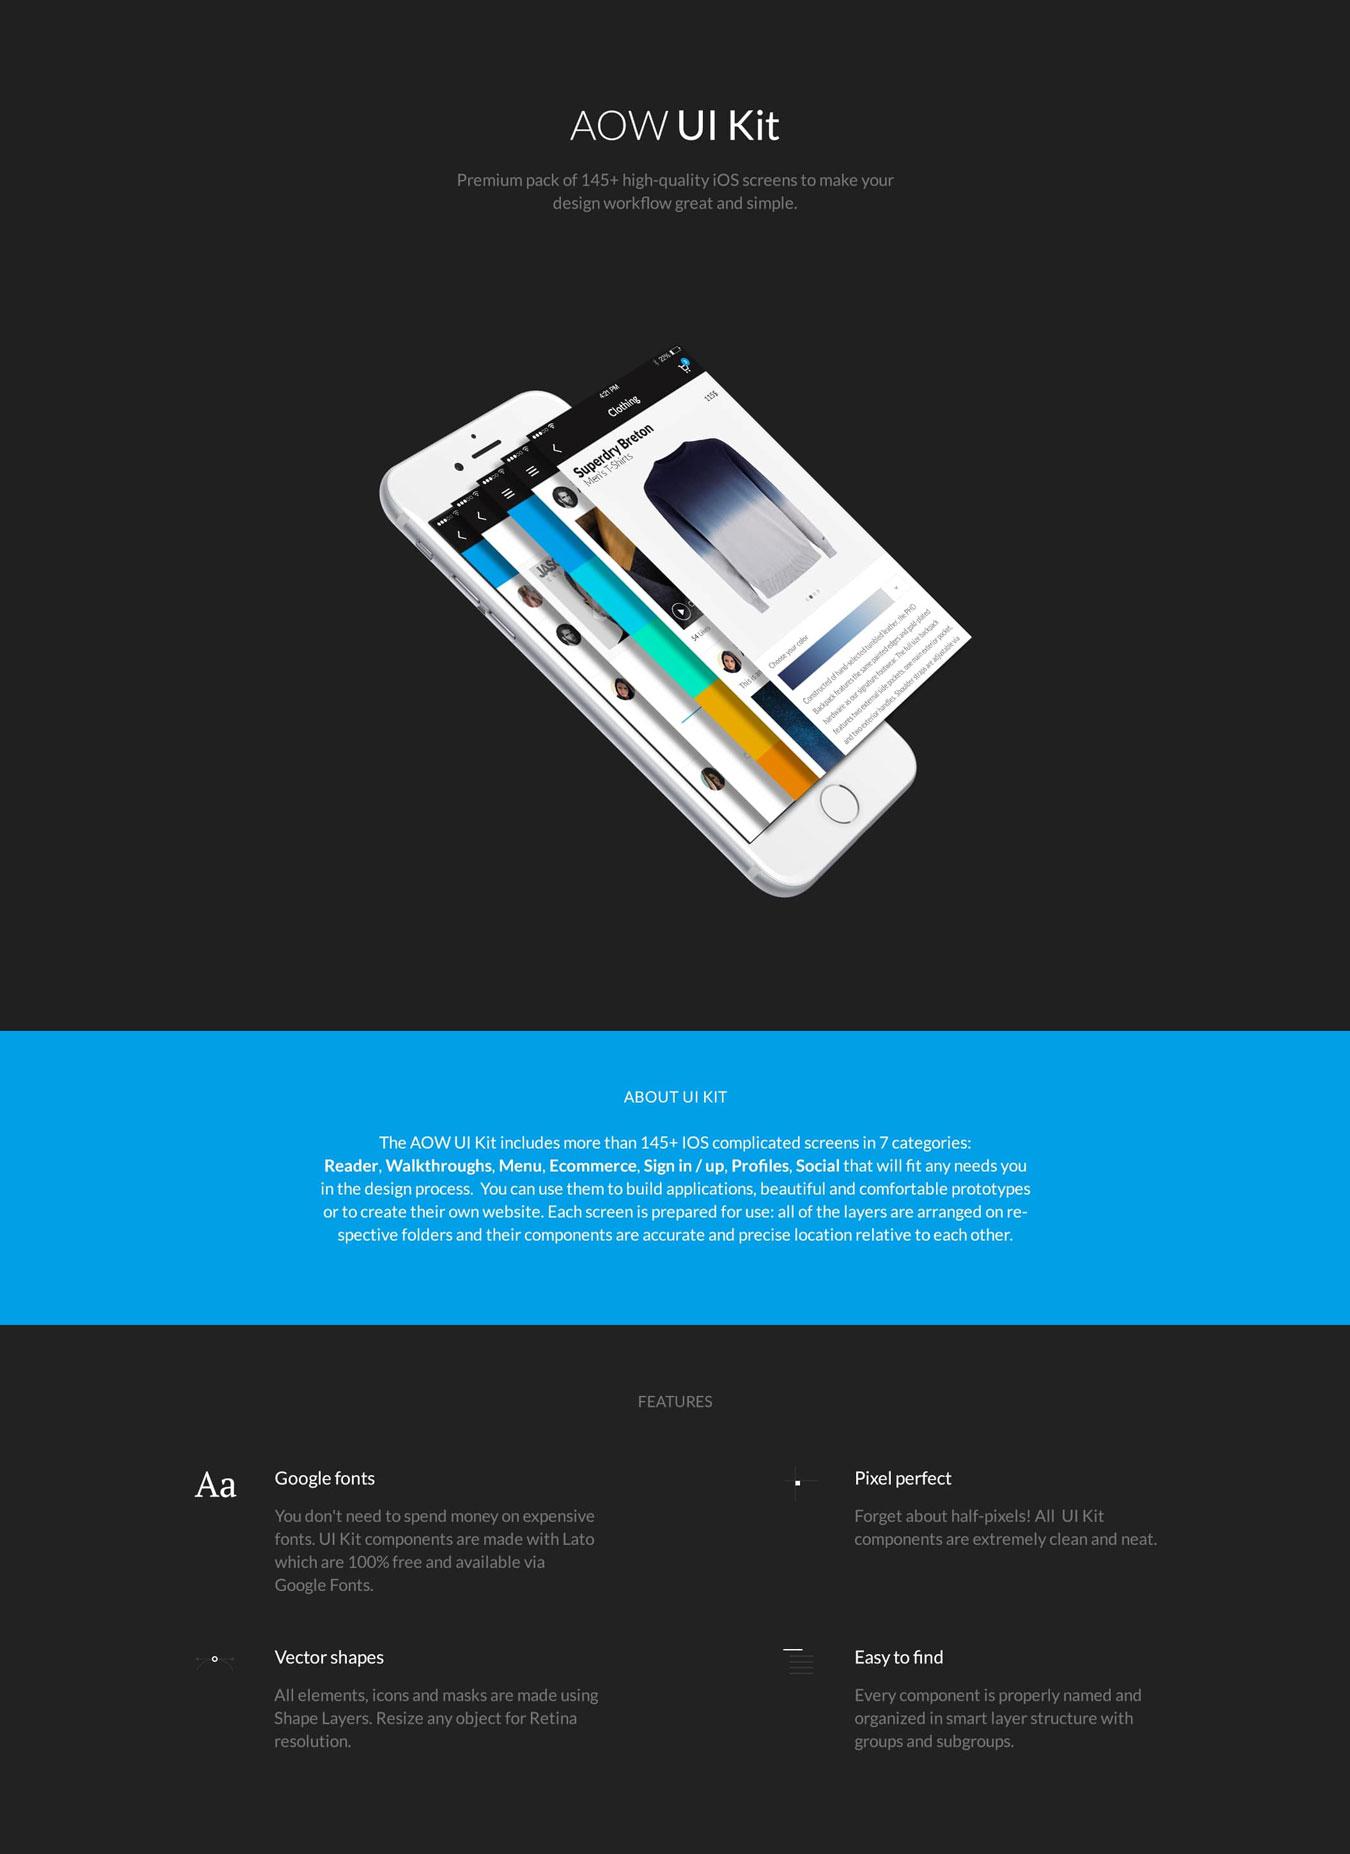 多功能音乐社交电子商城iOS APP UI设计模板套件 AOW UI Kit插图